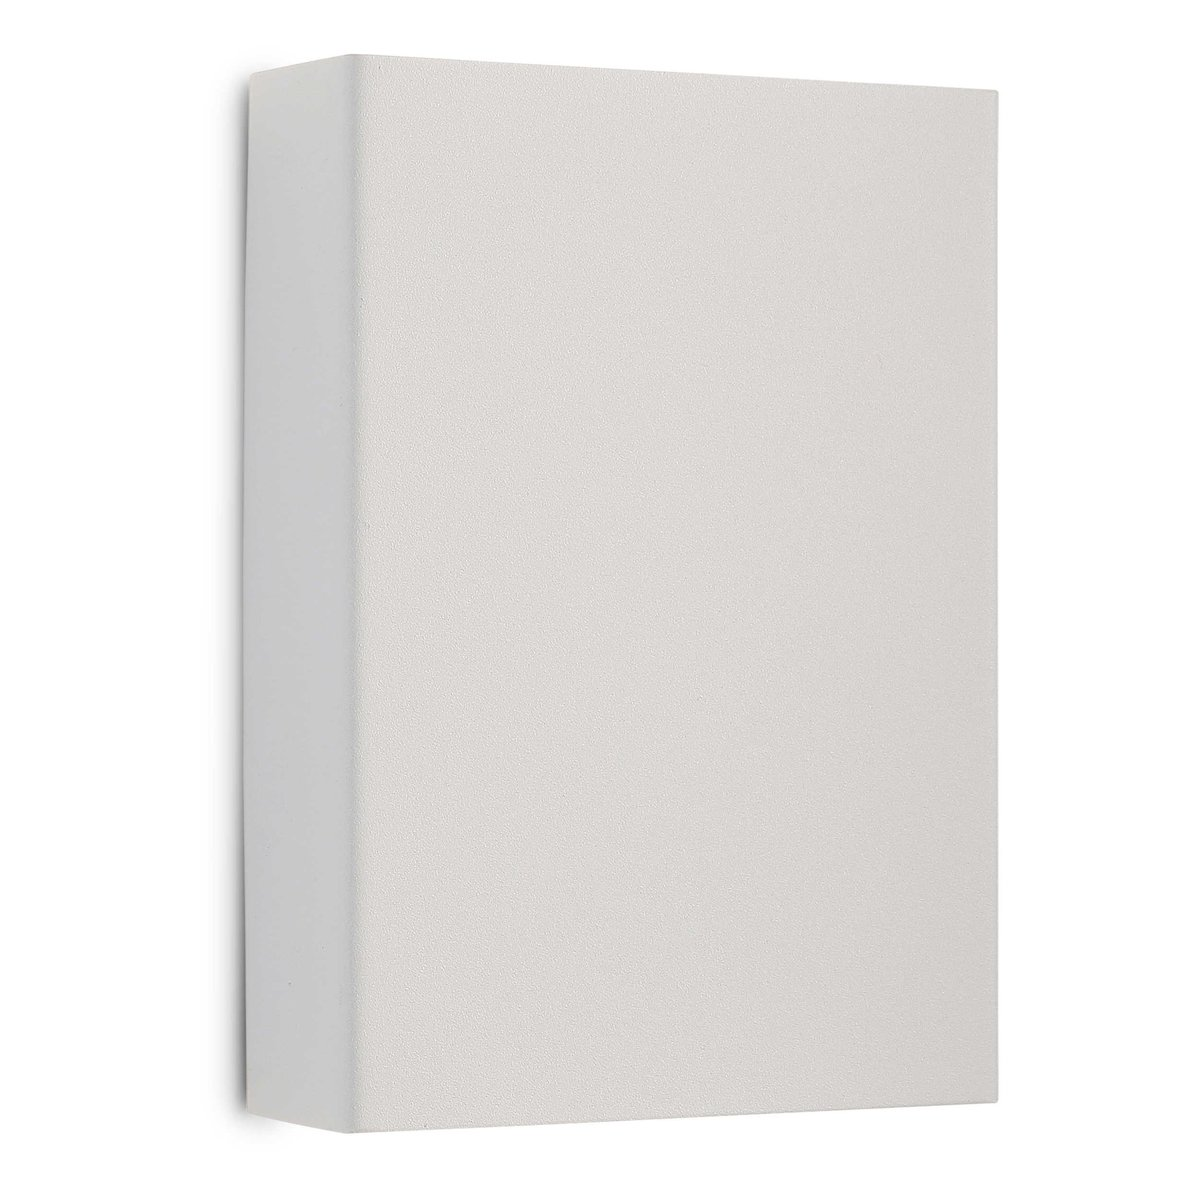 Bild 2 von Nordlux LED-Außenwandleuchte   Fold